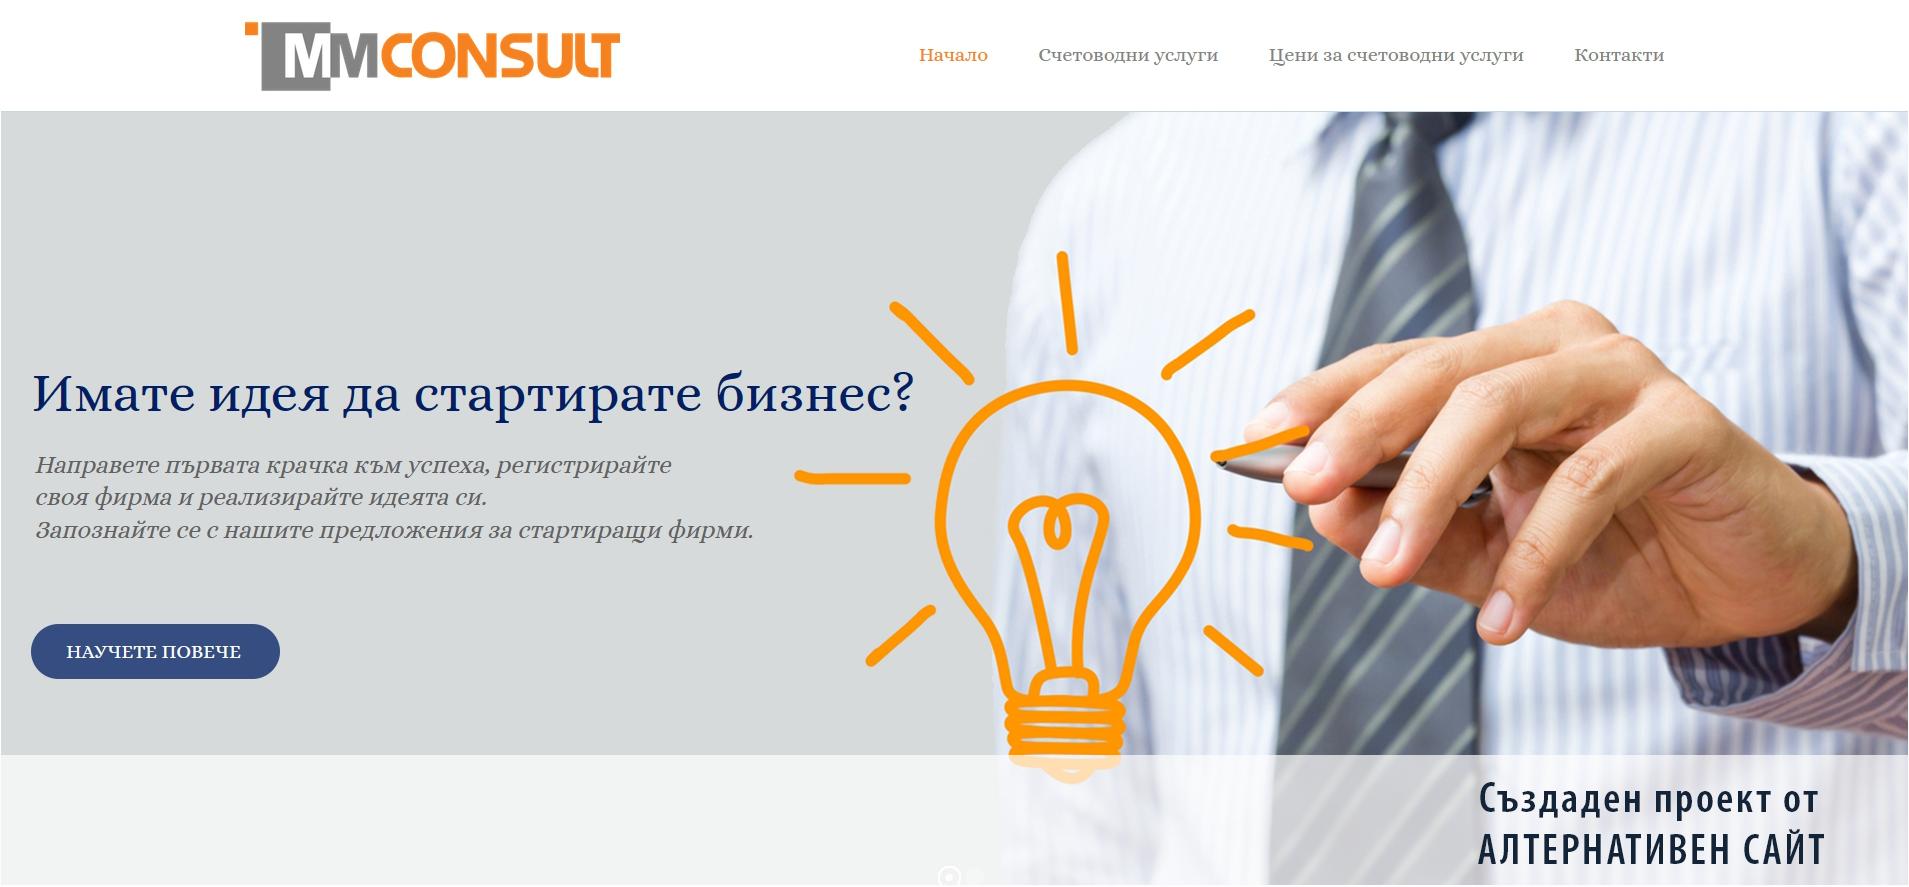 Изработка на сайт за счетоводни услуги